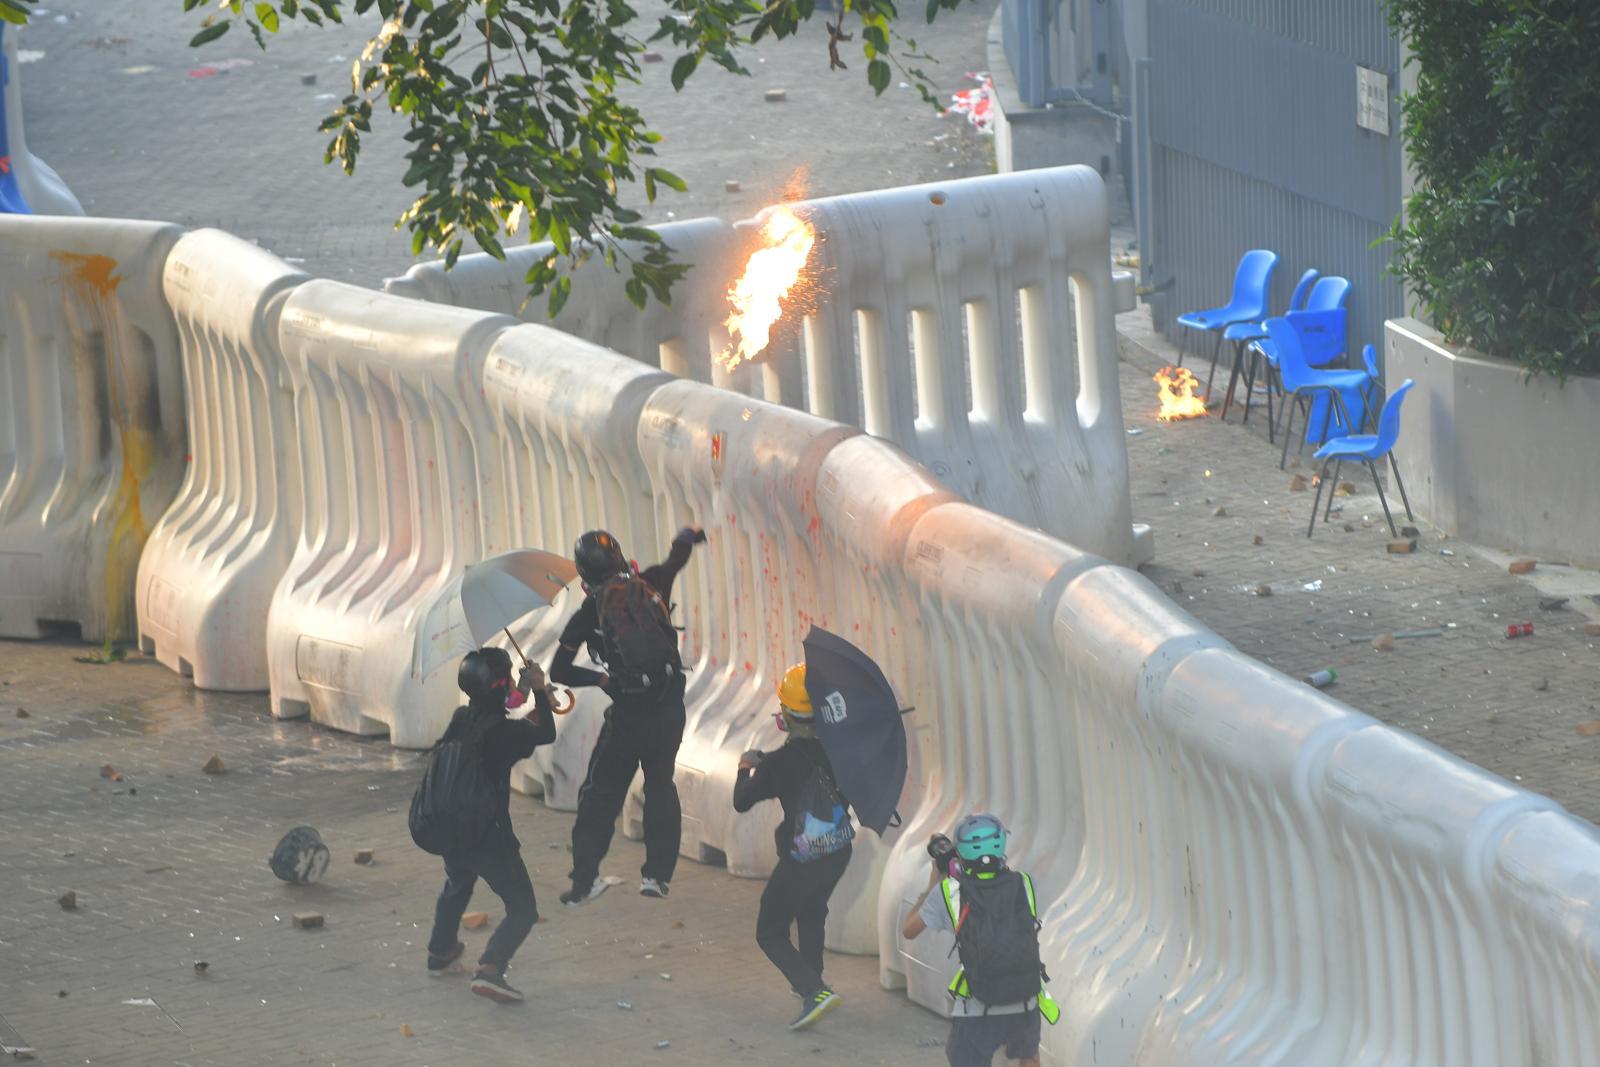 有示威者投擲燃燒彈。